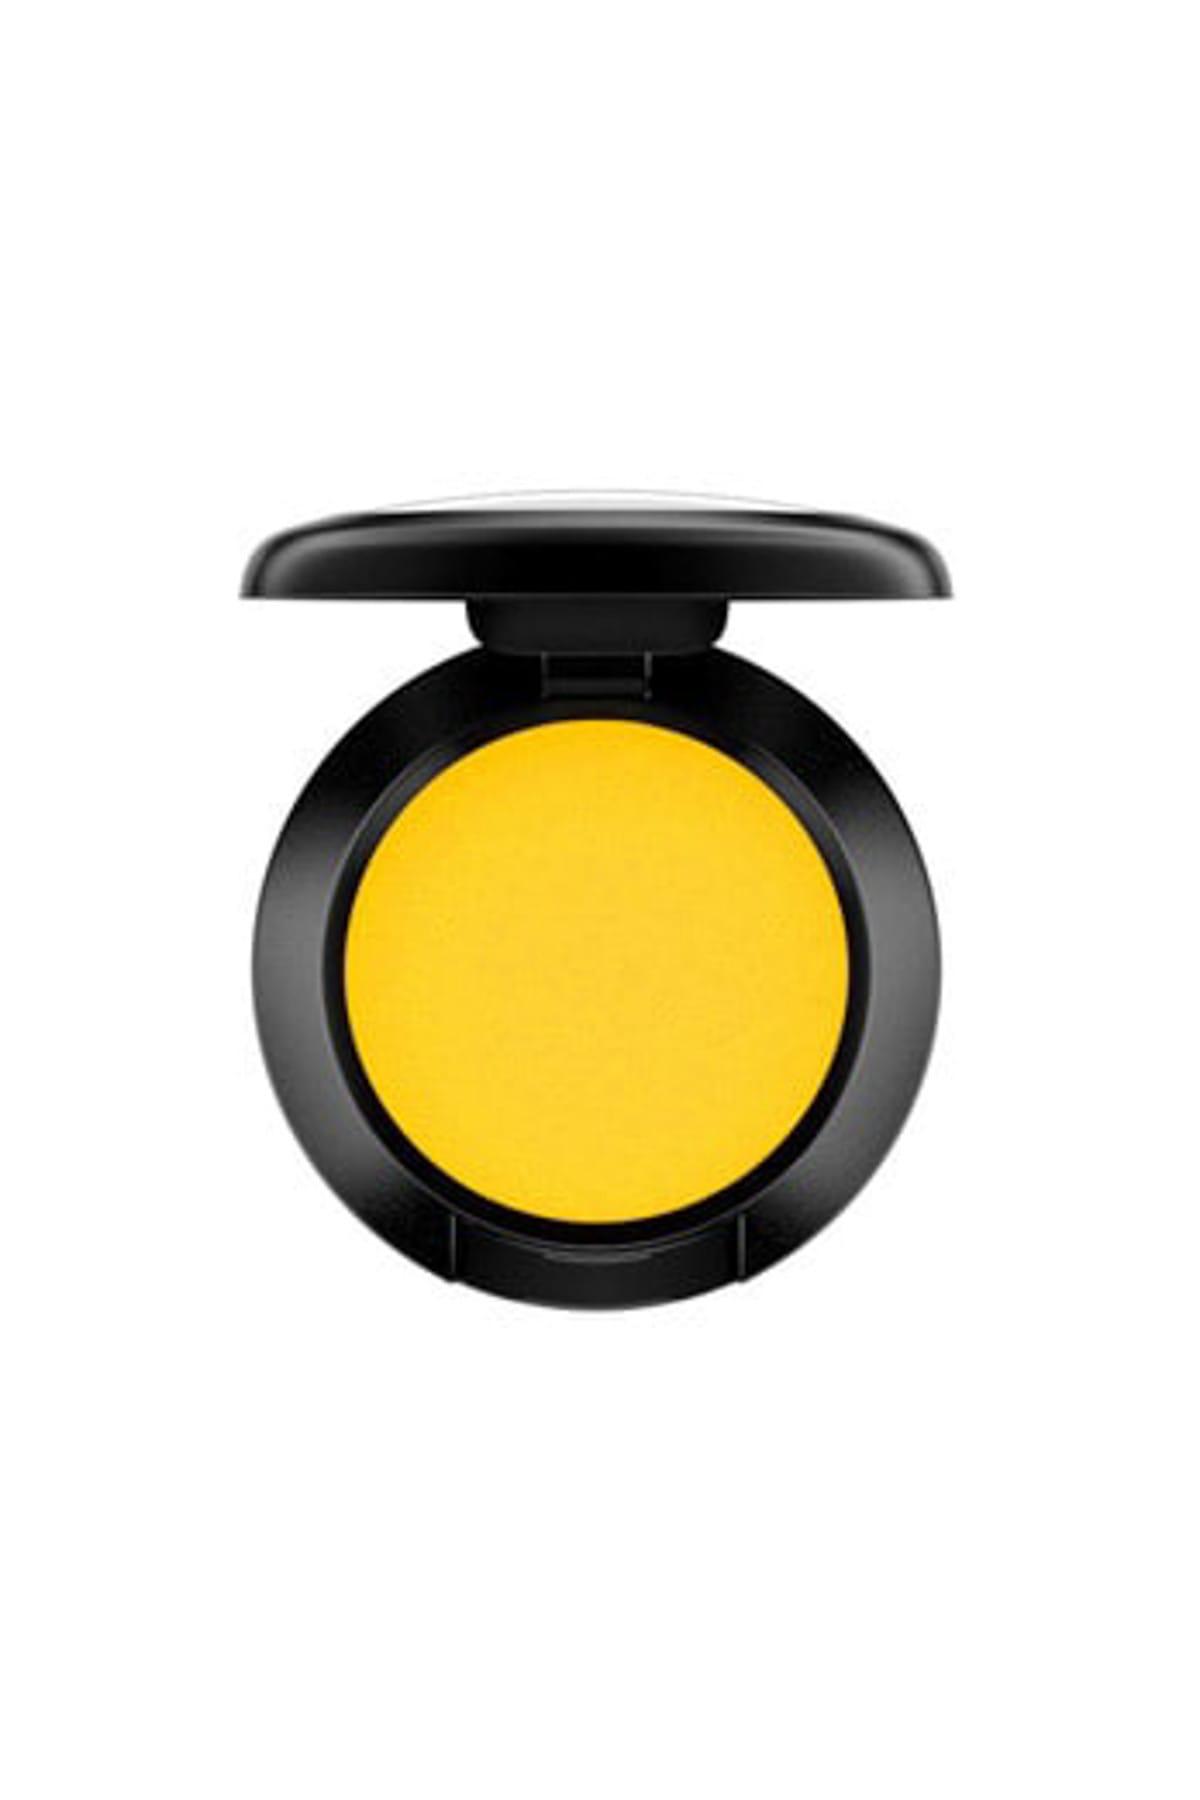 Göz Farı - Eye Shadow Chrome Yellow 1.5 g 773602001071